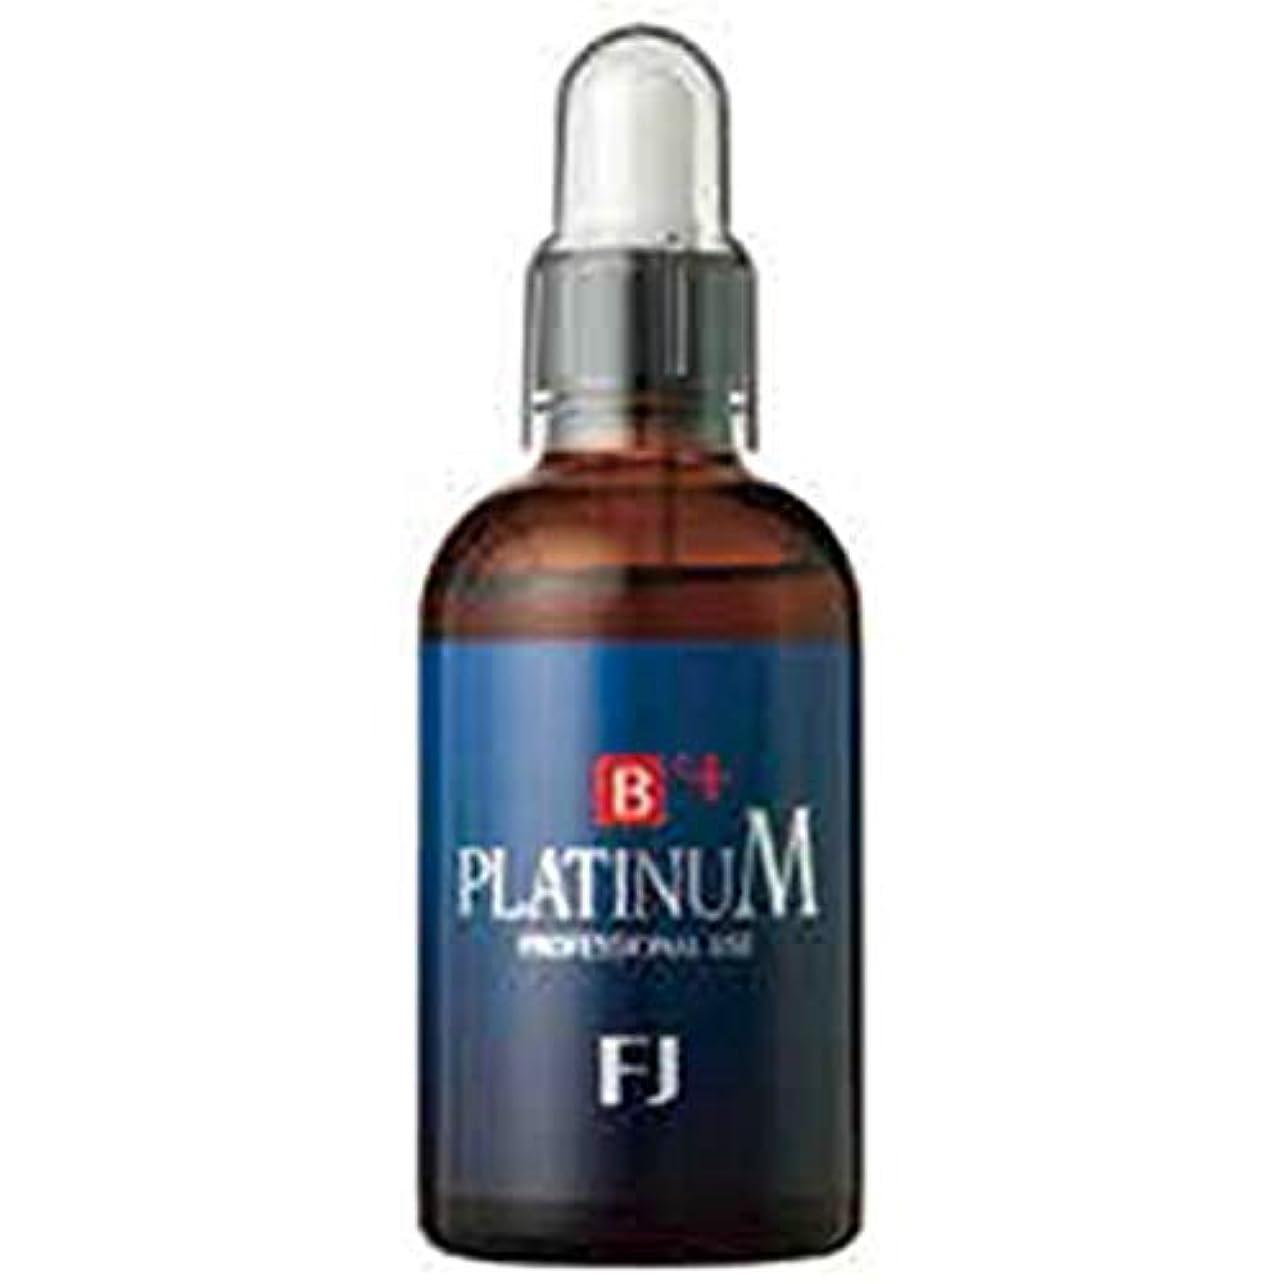 吸収するグローバル薄暗い【ビューティー プラチナム】 PLATINUM B'+  フォスファチジルコリン20%高濃度美容液  :100ml